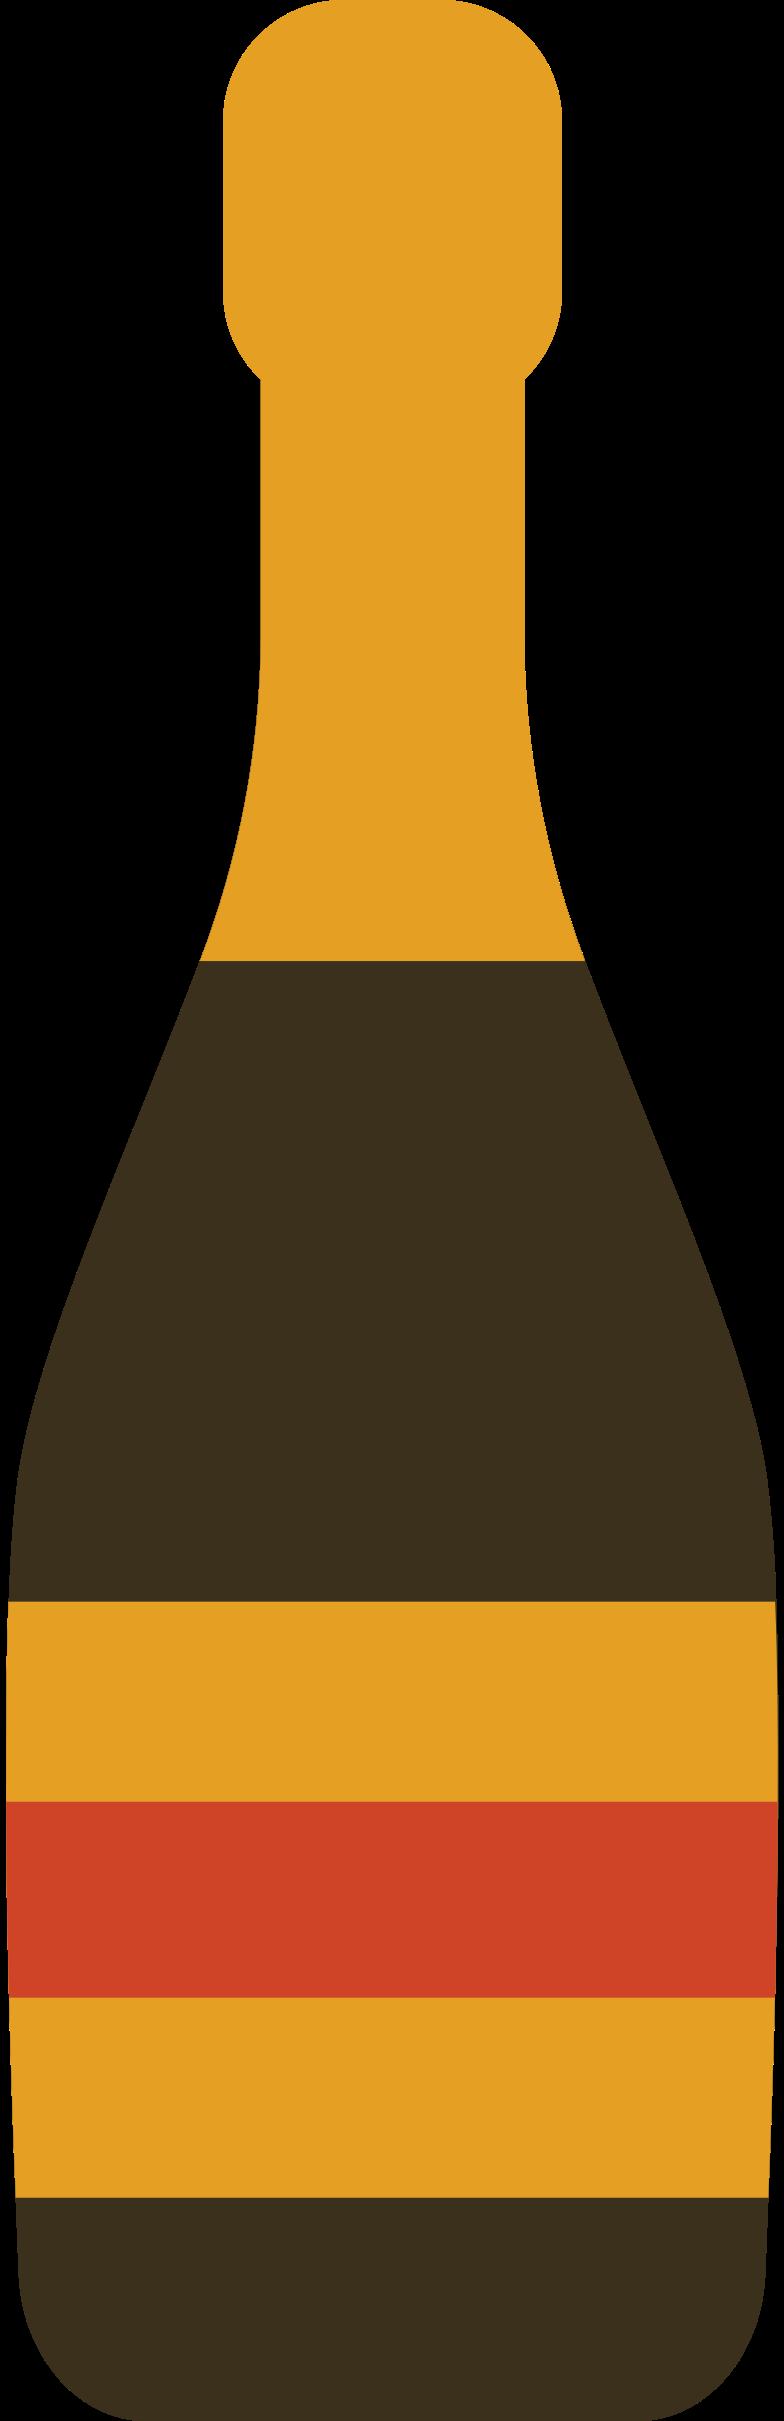 champagne bottle Clipart illustration in PNG, SVG